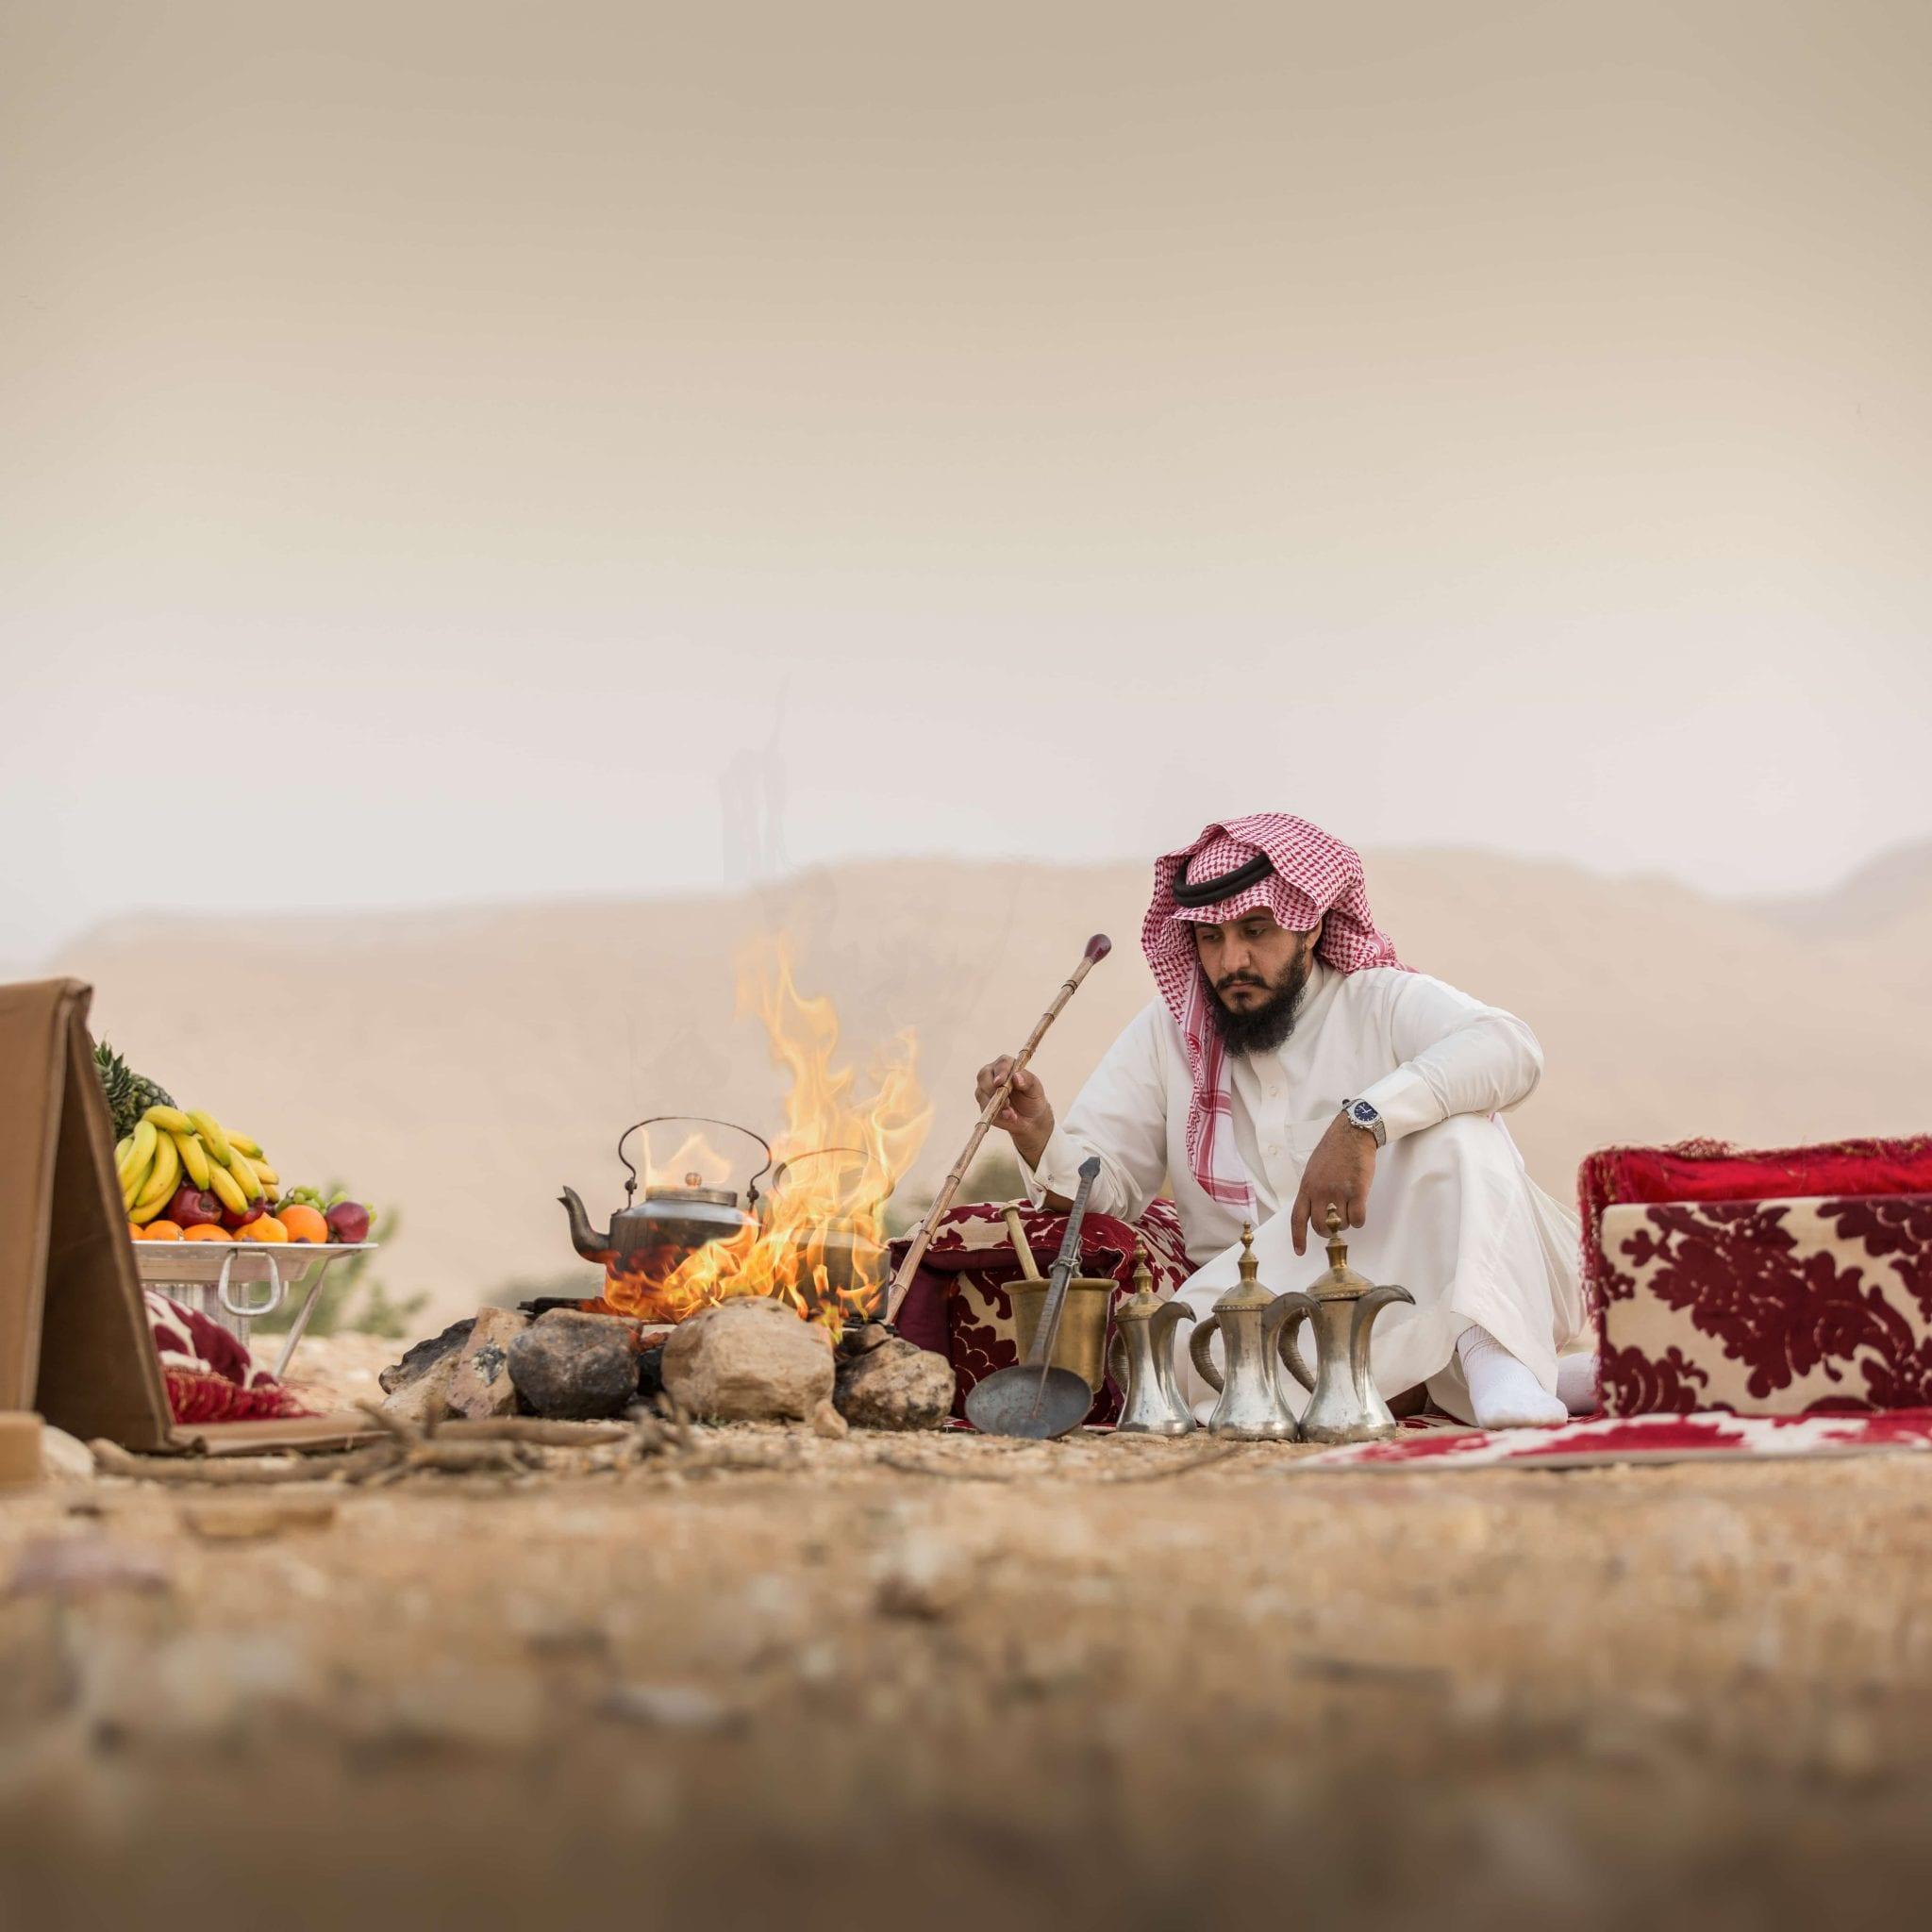 dallah desert